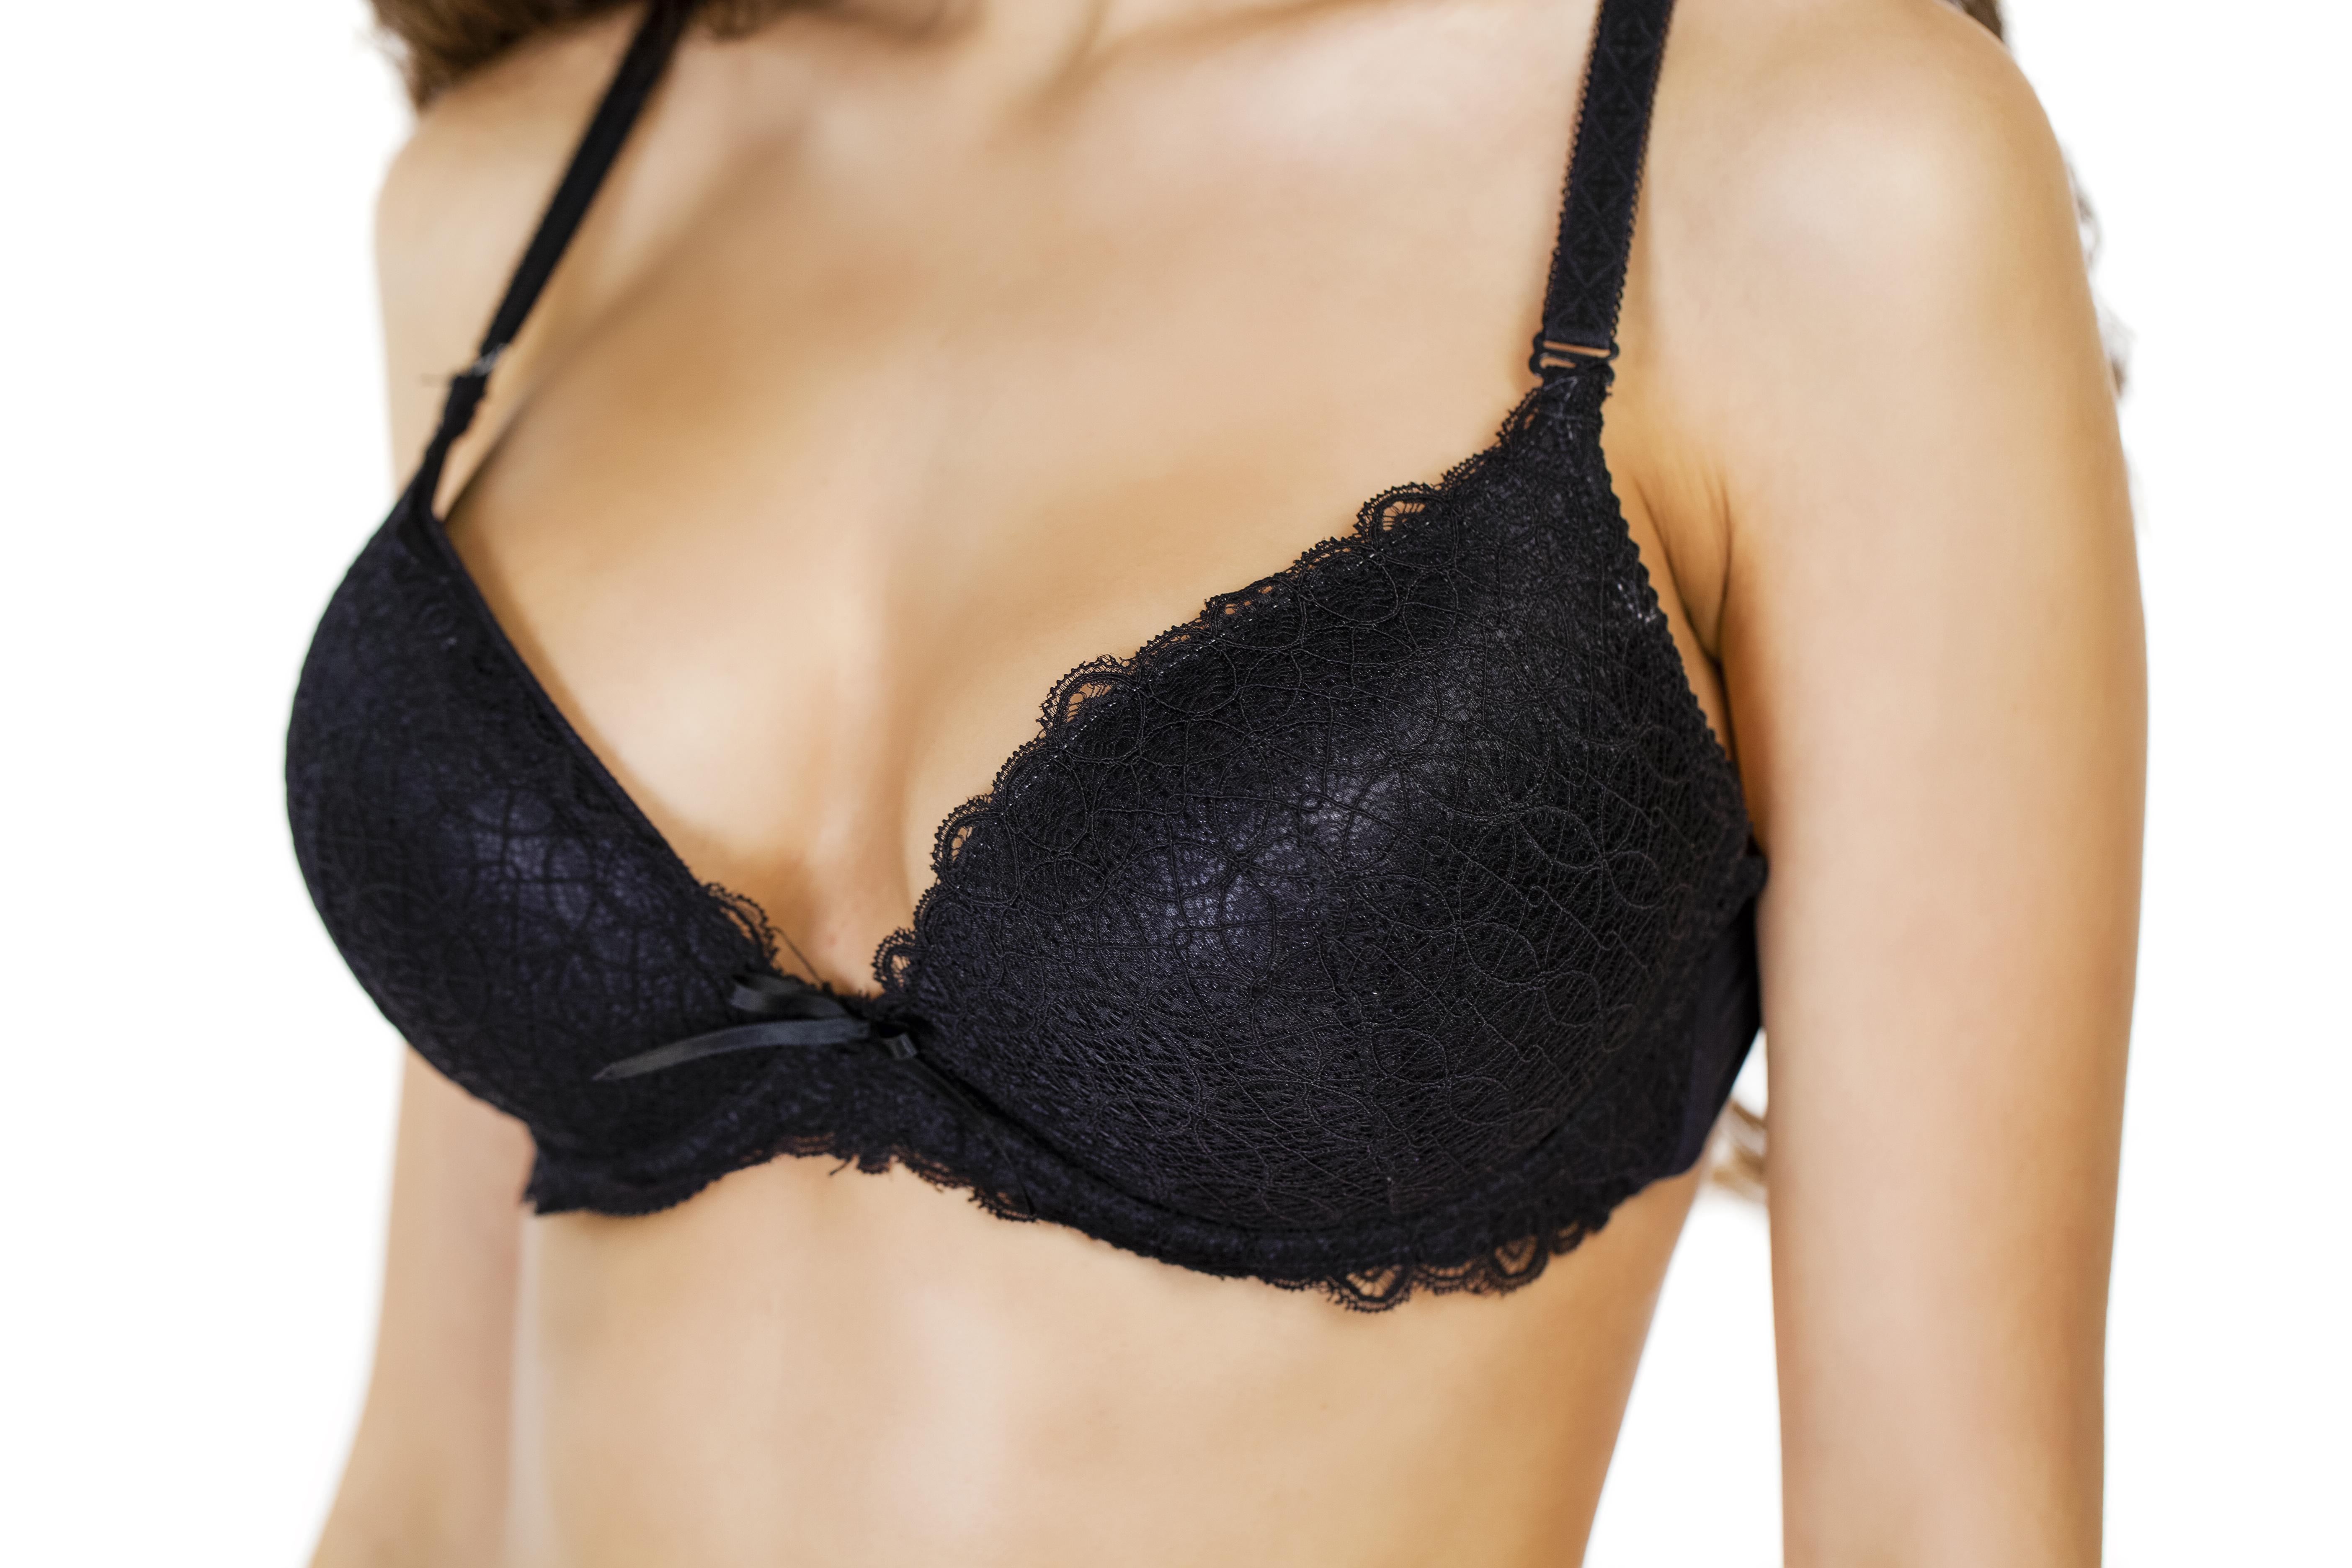 Warum mögen die kleine Brust